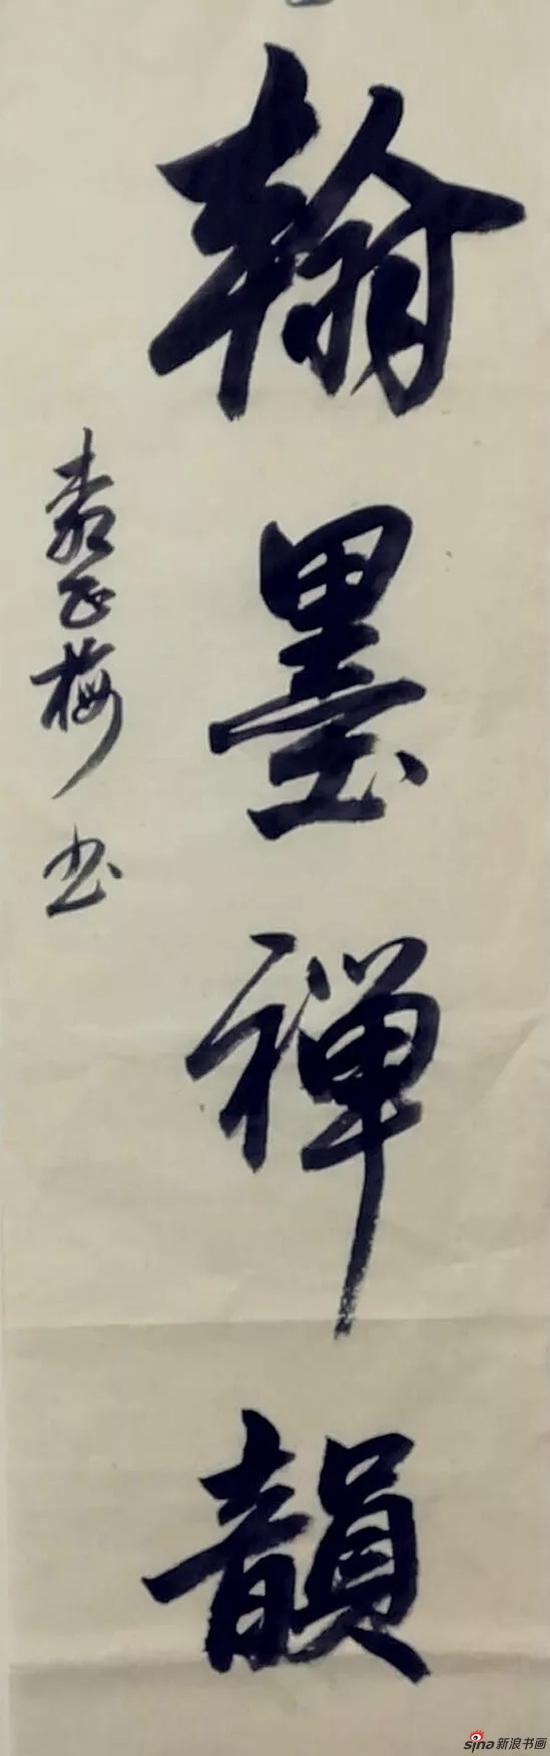 柳正梅(江苏省直书法家协会副主席兼秘书长)